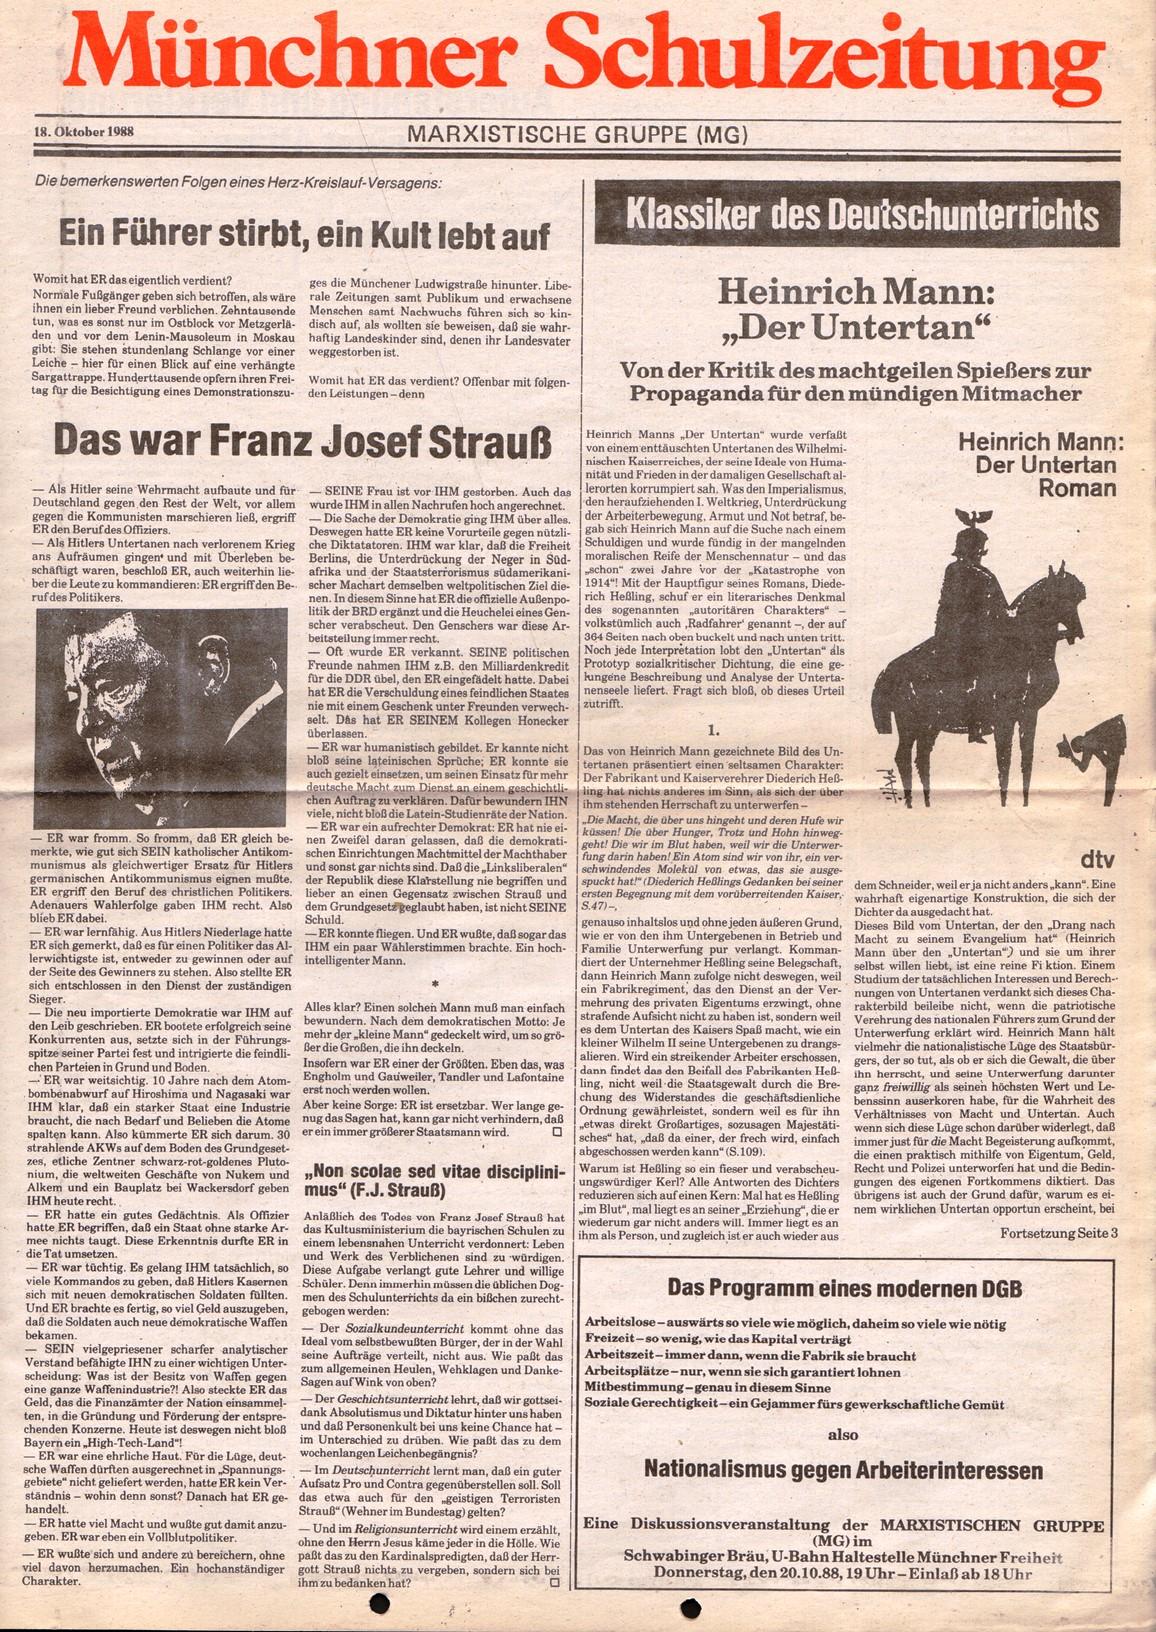 Muenchen_MG_Schulzeitung_19881018_01